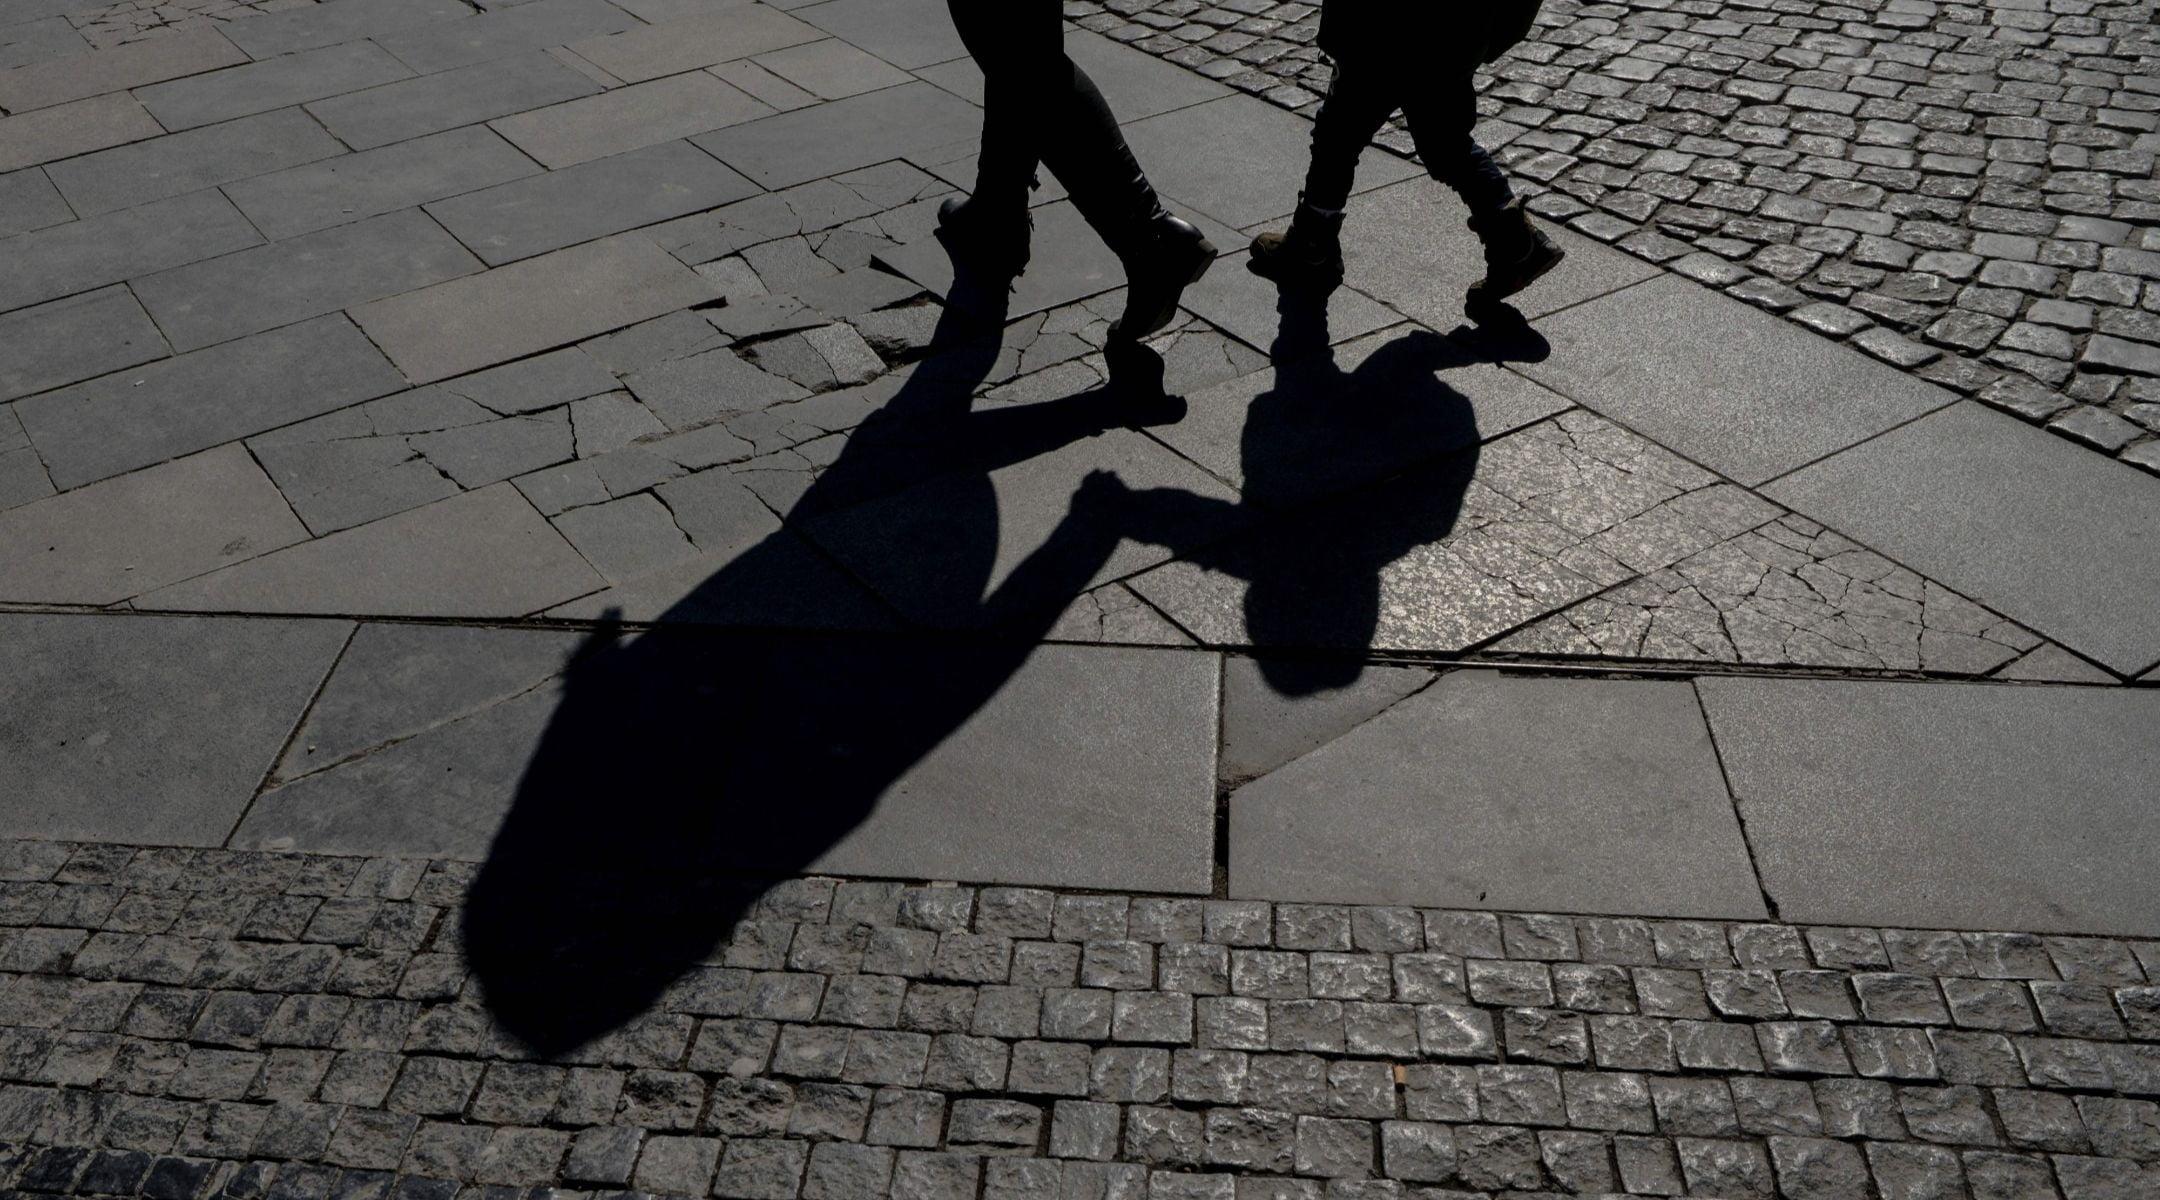 Les gens marchent sur le trottoir, dont certaines parties ont été fabriquées à partir de pierres tombales prises dans un cimetière juif, dans la zone piétonne de la place Wenceslas à Prague, le 20 mars 2018. (Michal CIZEK / AFP via Getty Images)